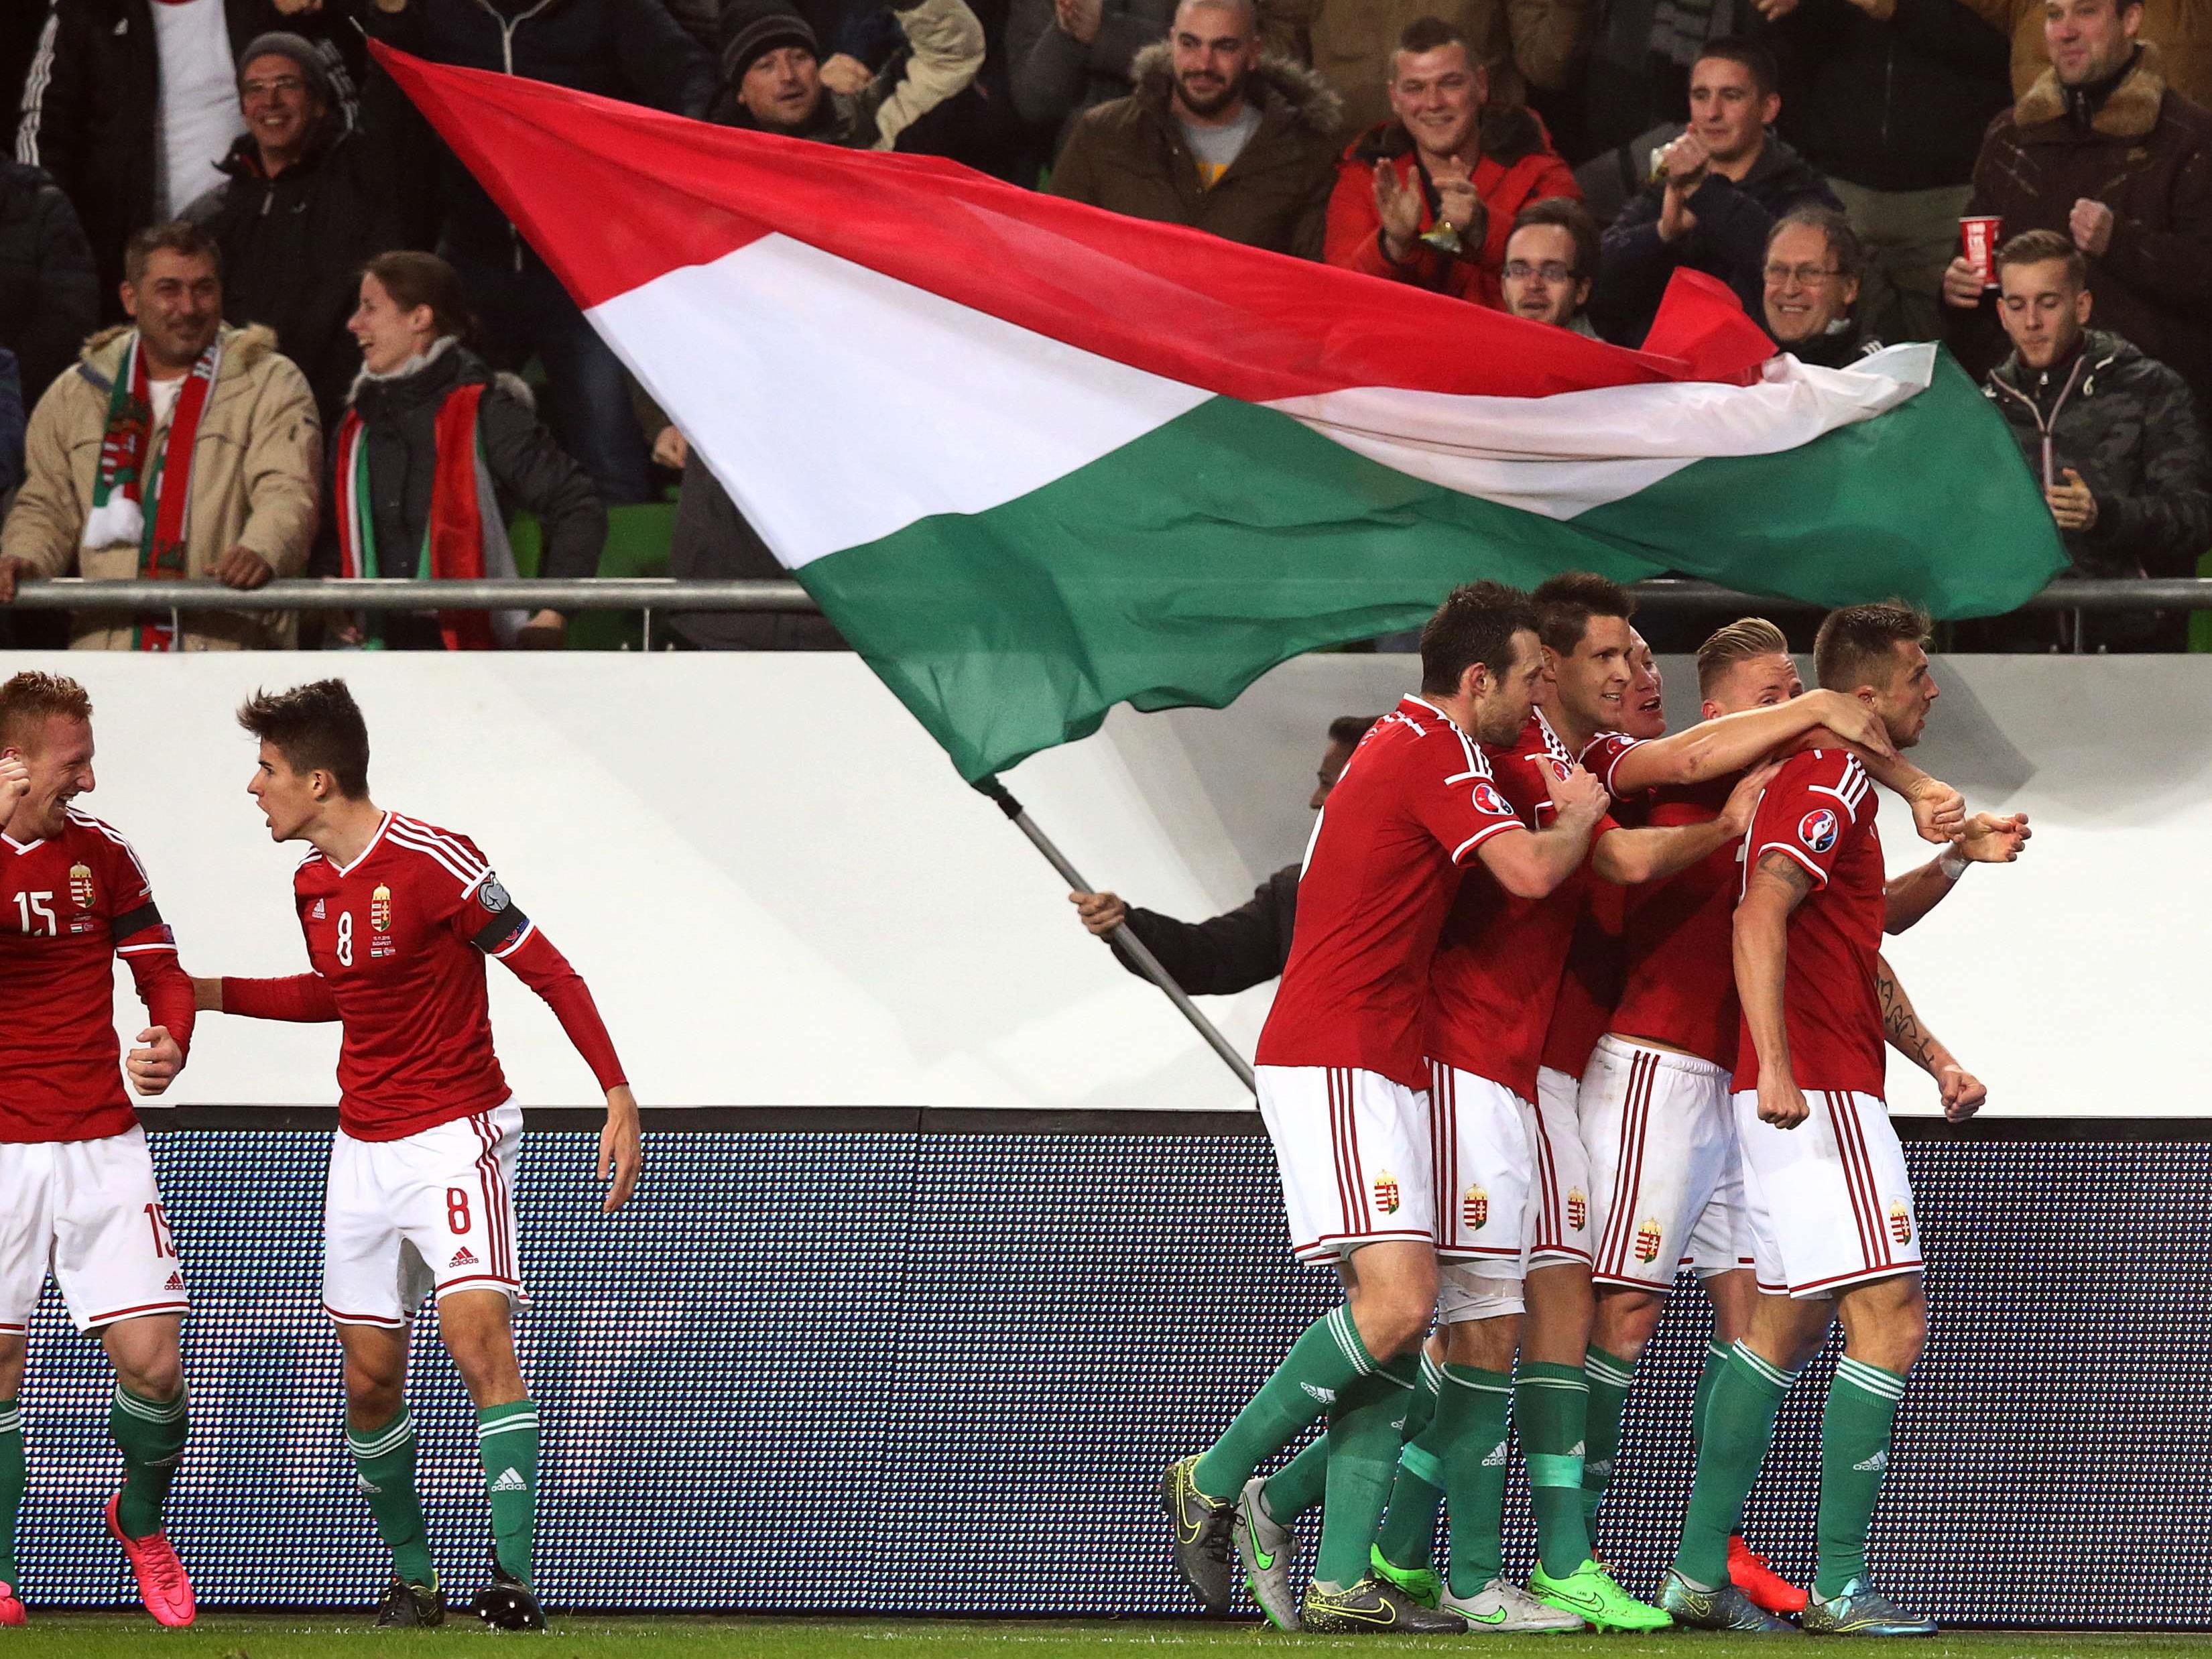 Die Ungarn kommen zum Kondition schinden nach Österreich.